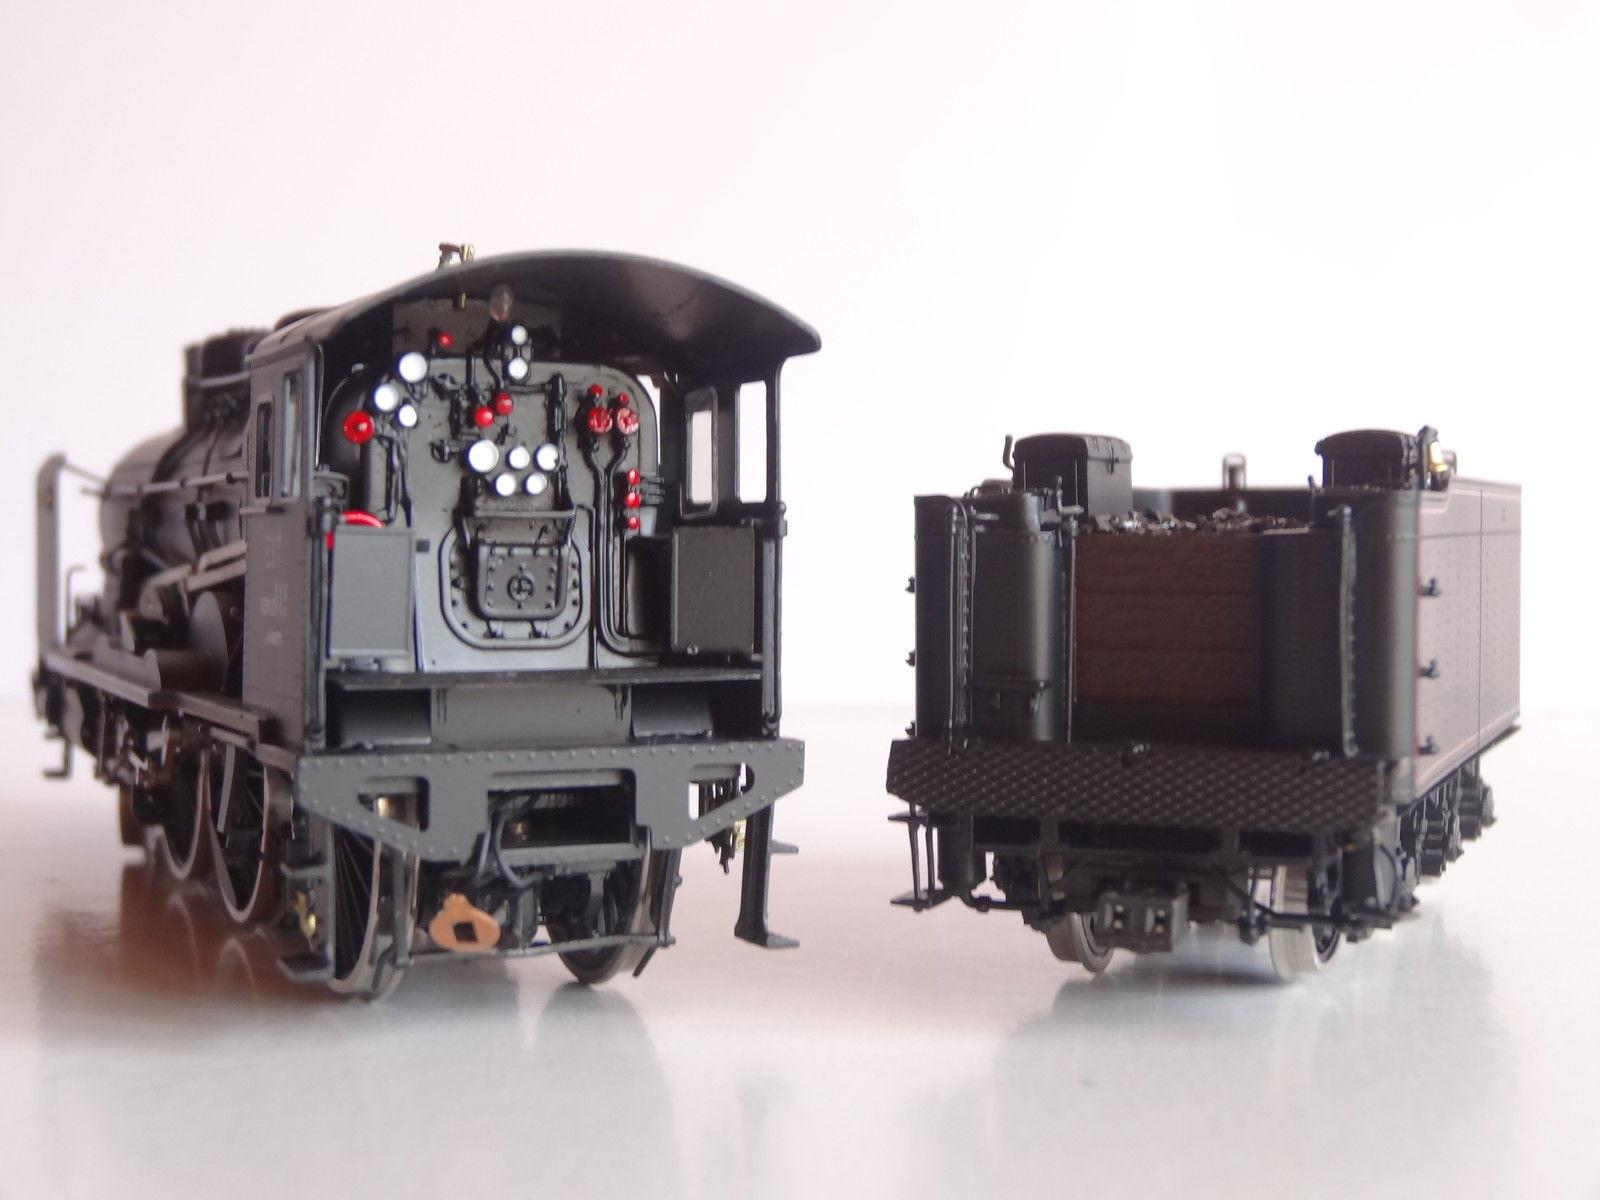 画像4: 鉄道模型 フルグレックス Fulgurex 2229 French EST 230-147 蒸気機関車 HOゲージ